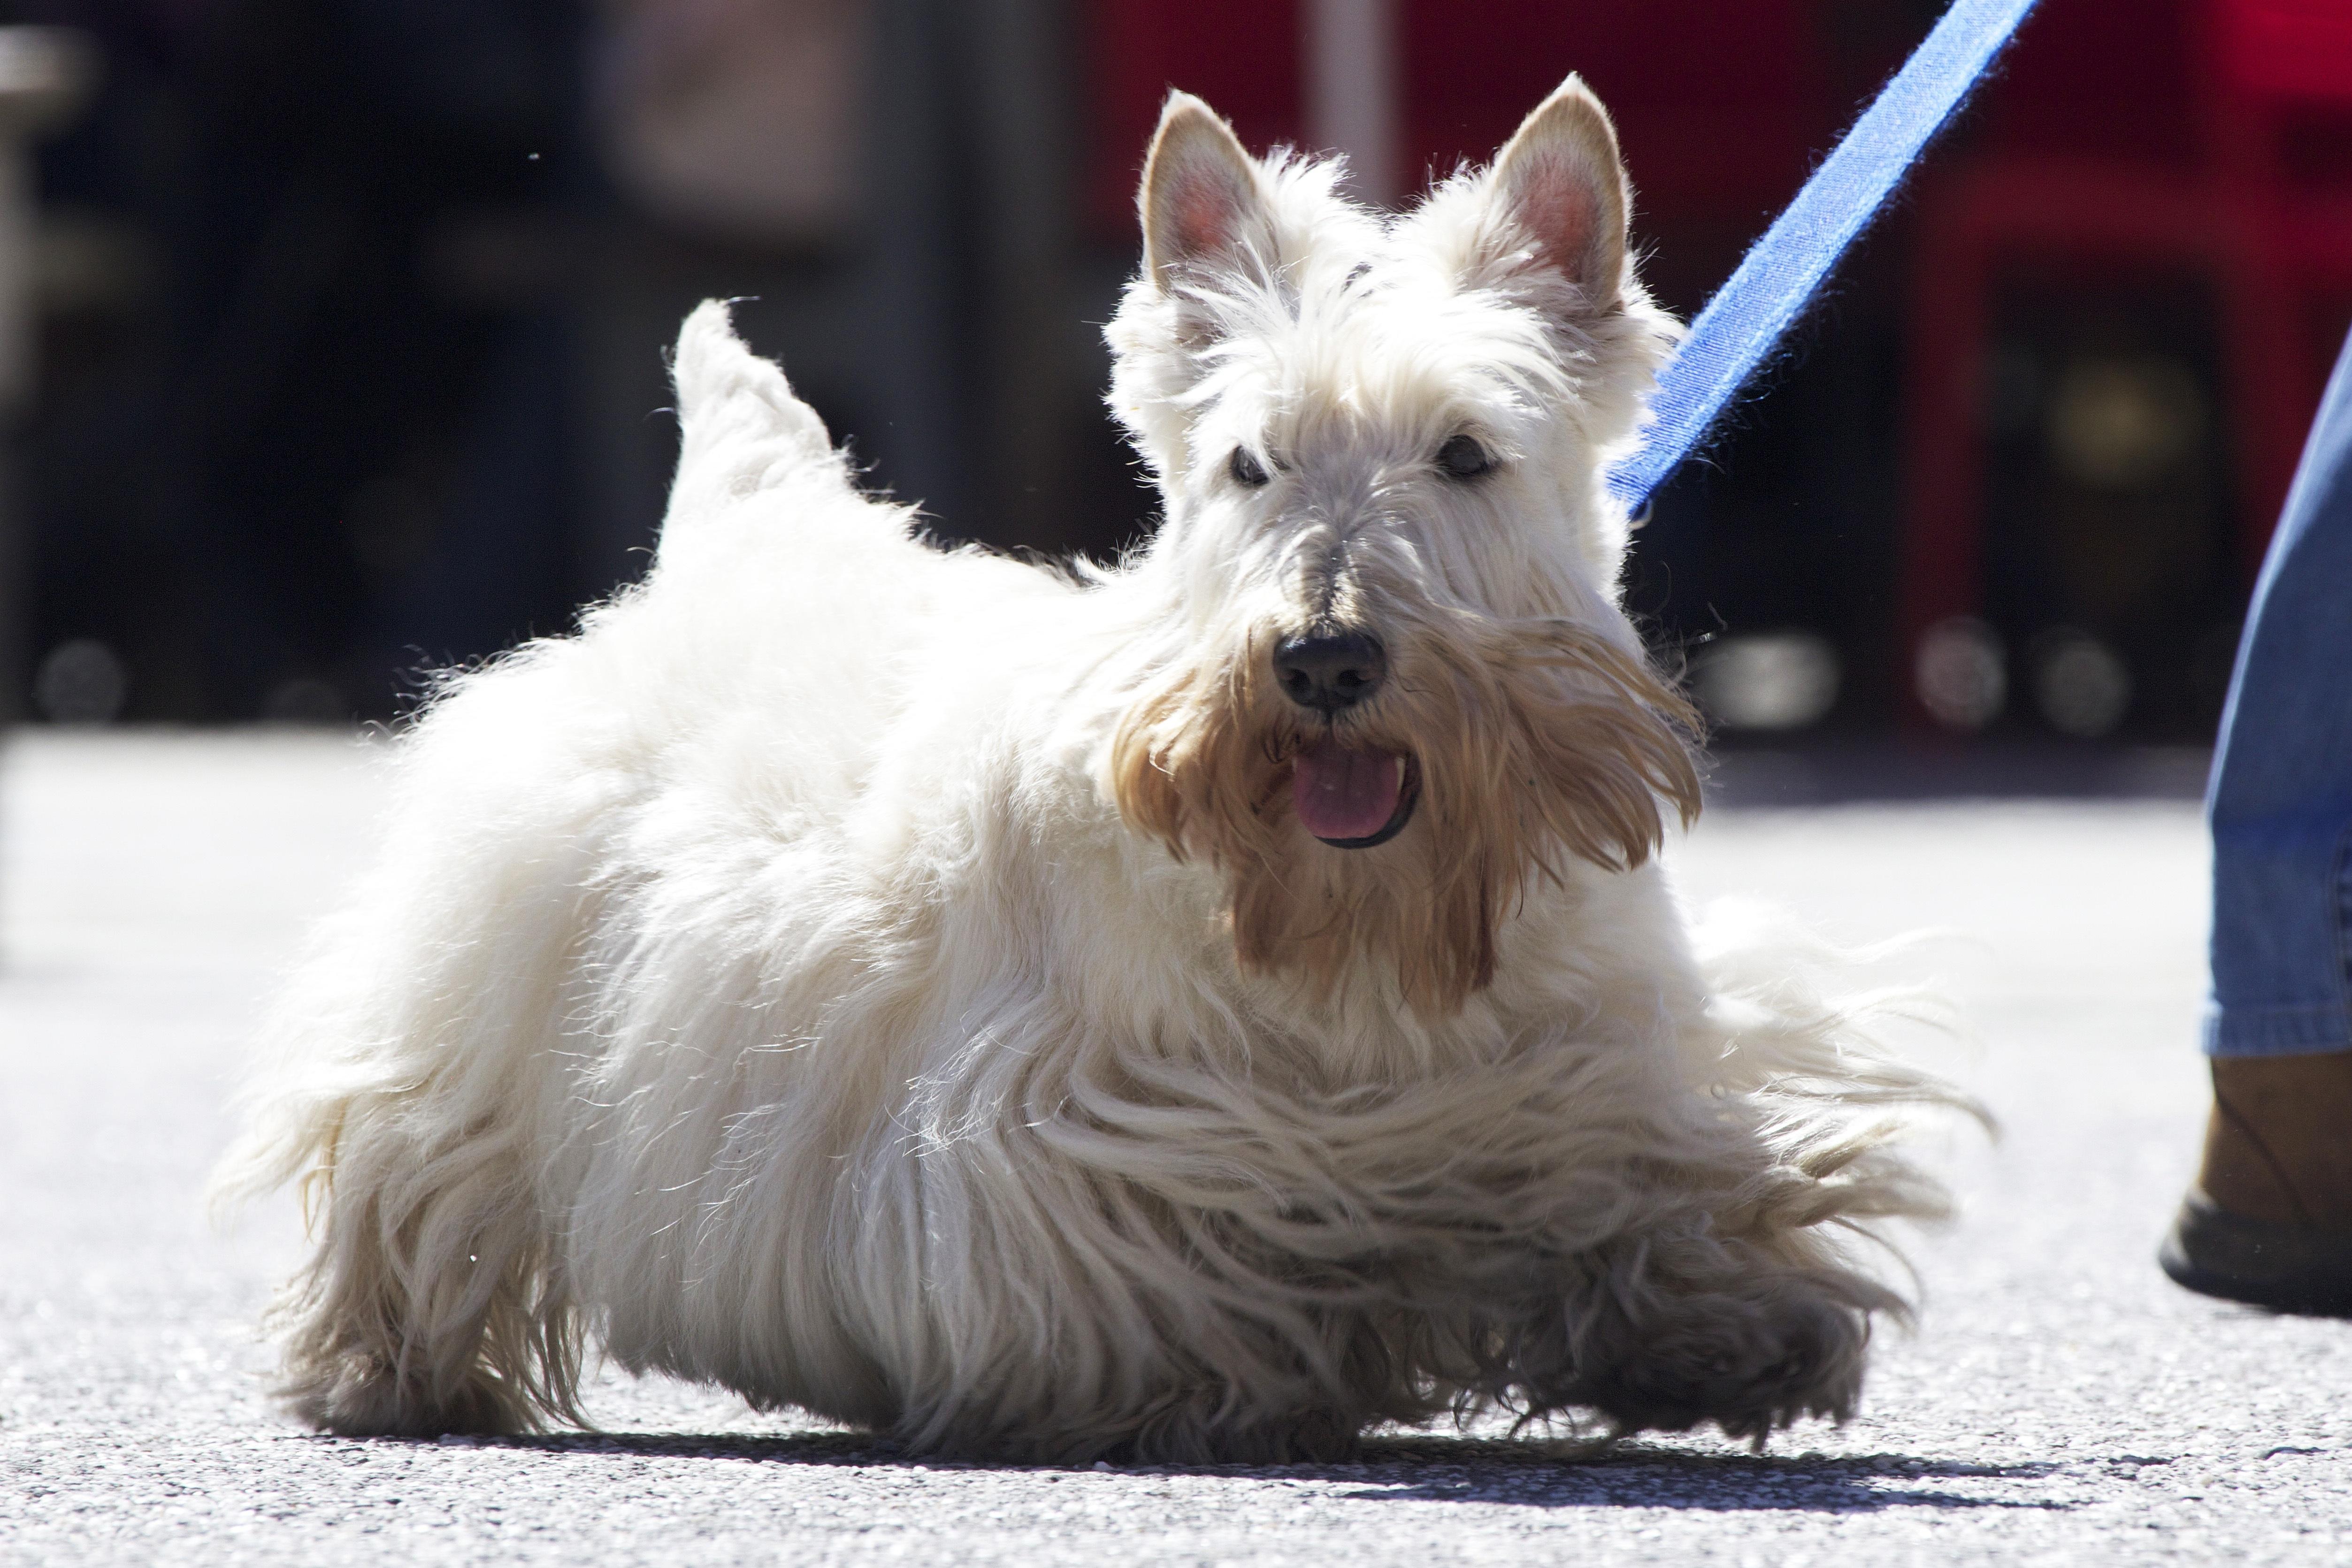 Kostenlose foto : Weiß, Haustier, Wirbeltier, schottisch, Hunderasse ...